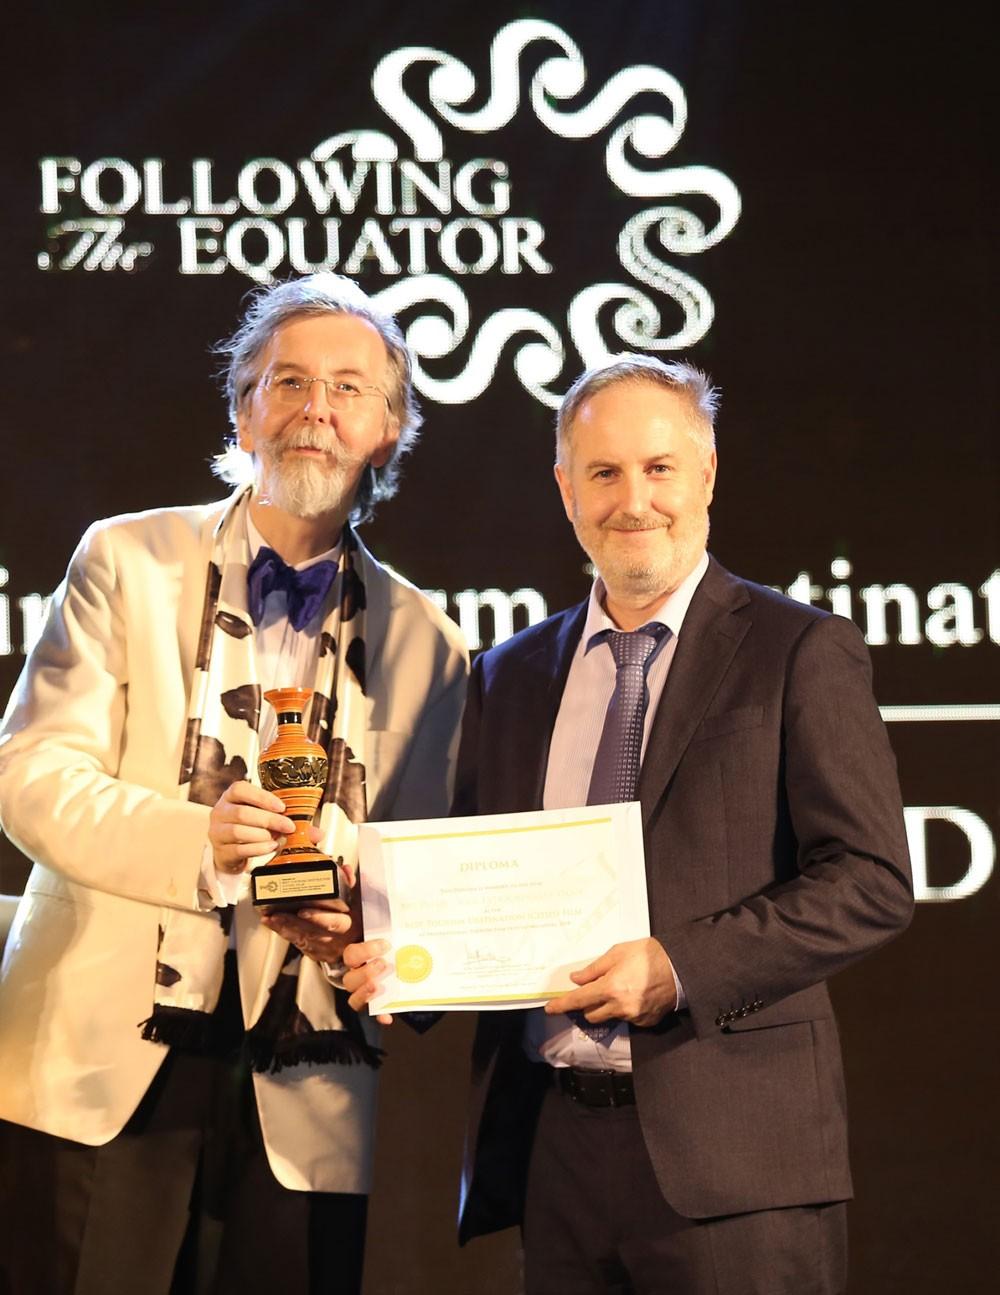 دائرة الثقافة والسياحة - أبوظبي تفوز بجائزتيّن في مهرجان المالديف الدولي للأفلام السياحية